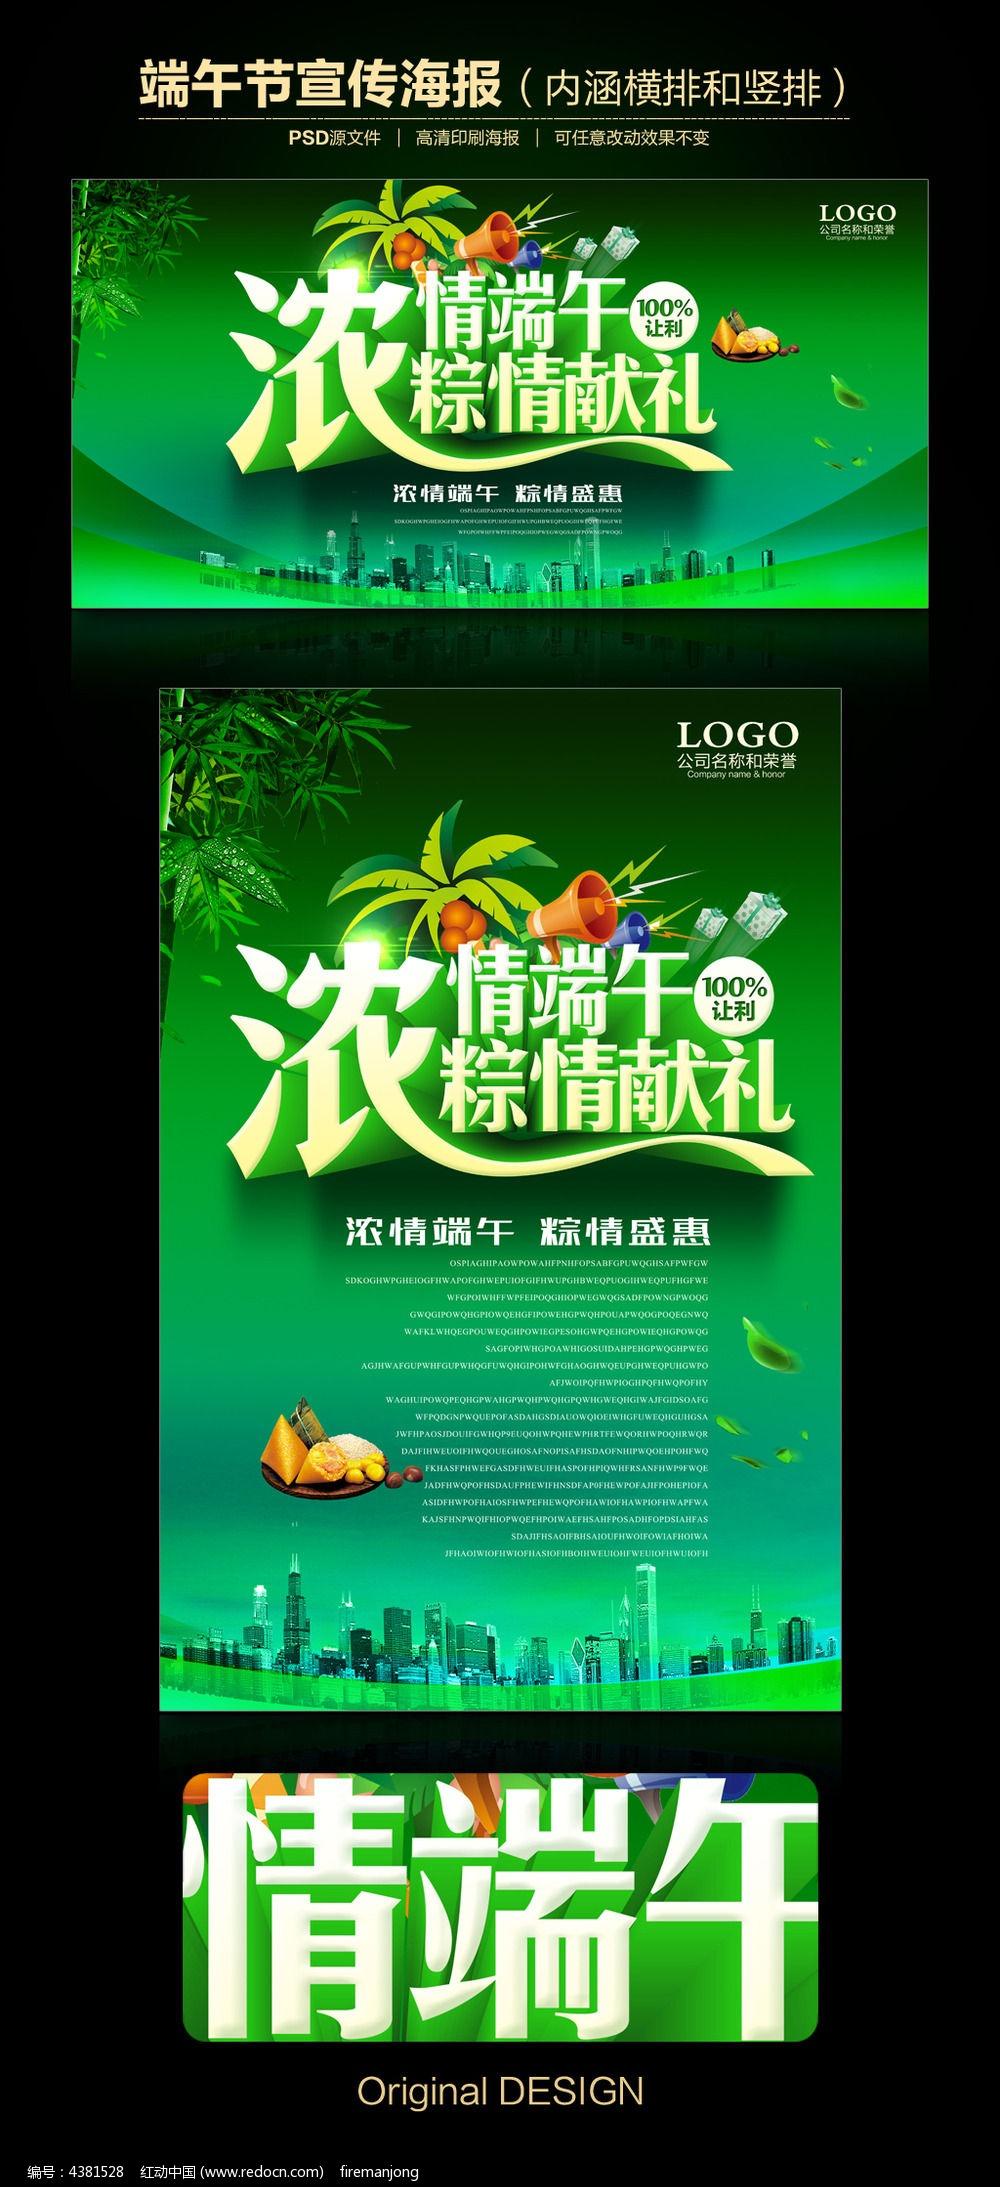 绿色端午节促销宣传海报(内含横排和竖排)